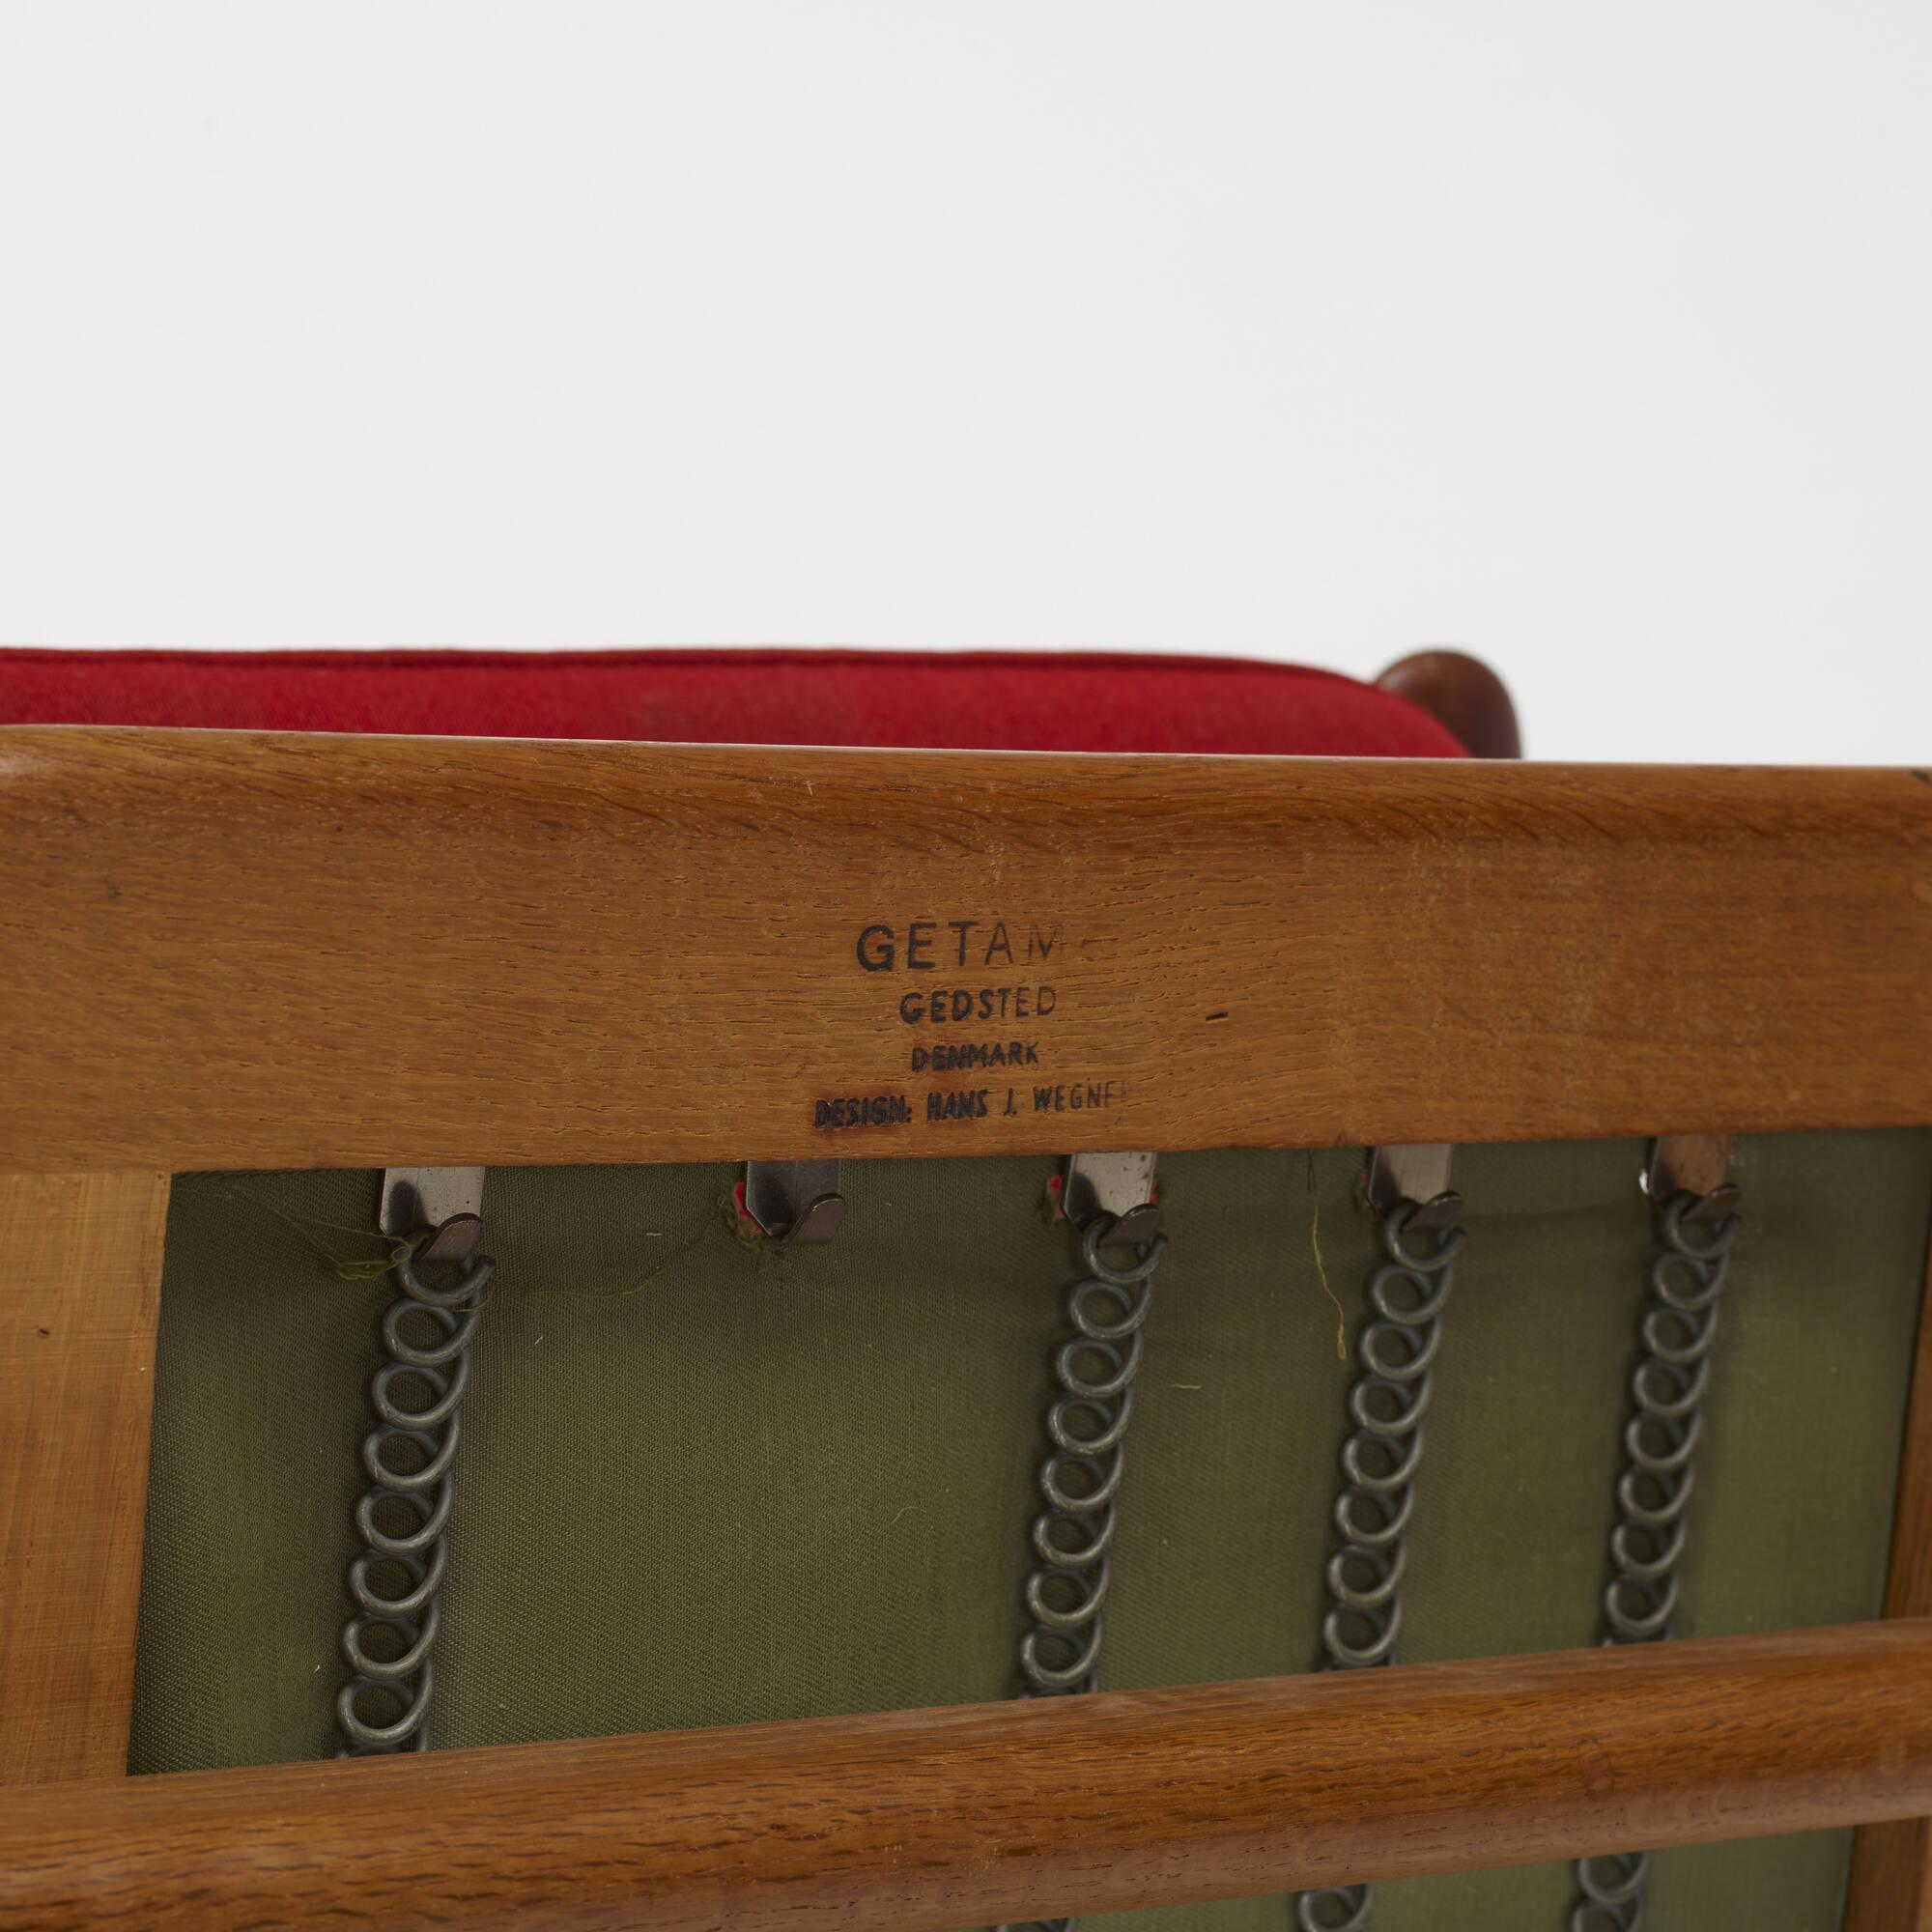 785: Hans J. Wegner / lounge chair, model GE240 (3 of 3)